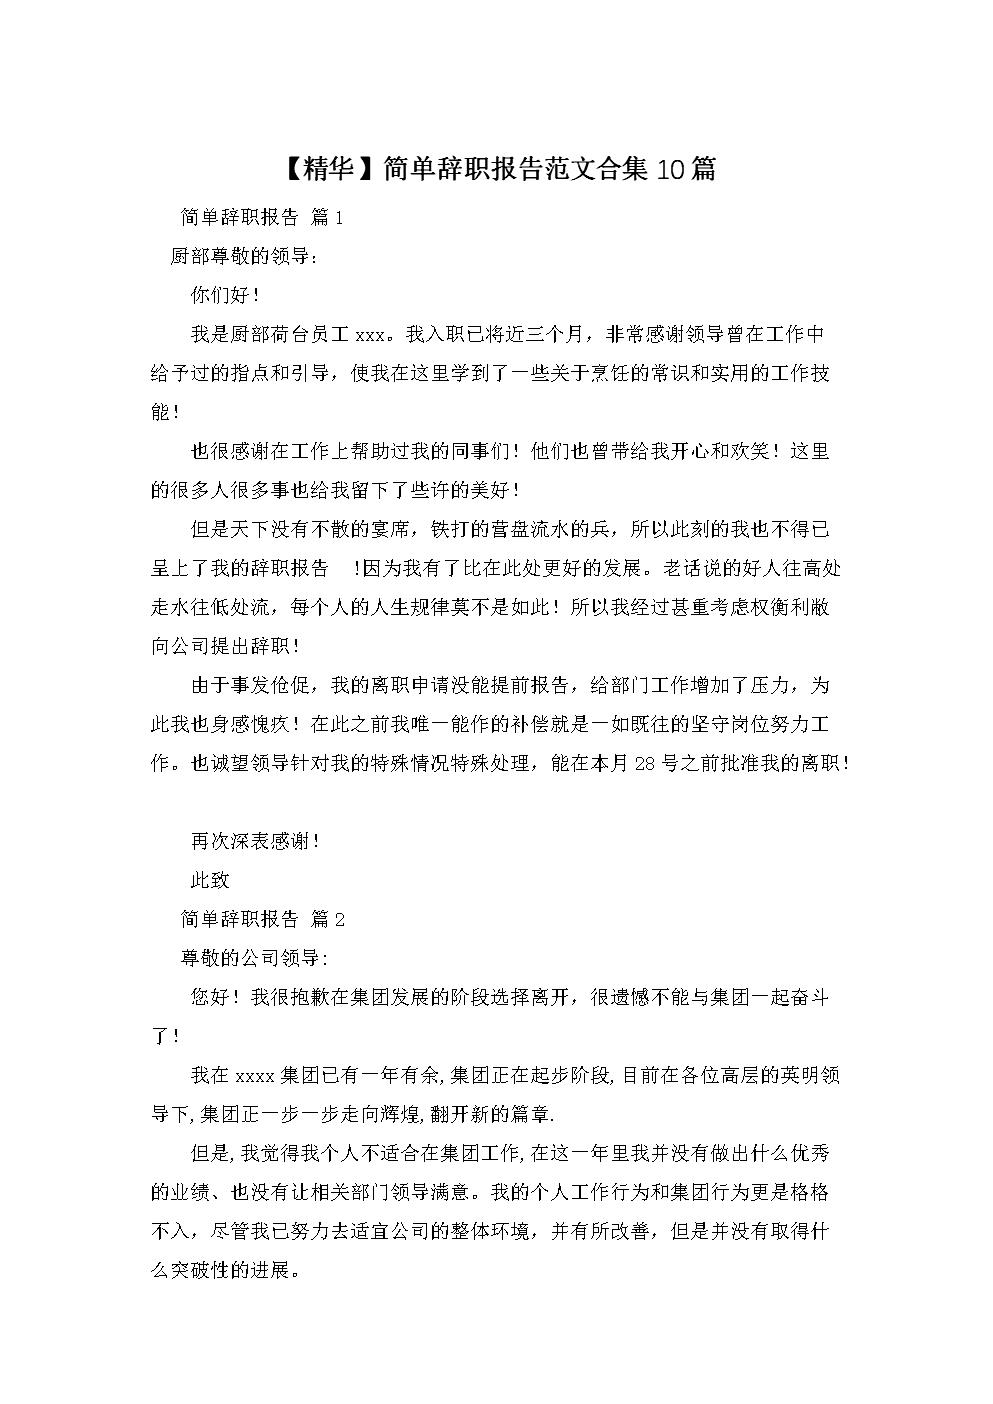 【精华】简单辞职报告范文合集10篇.doc